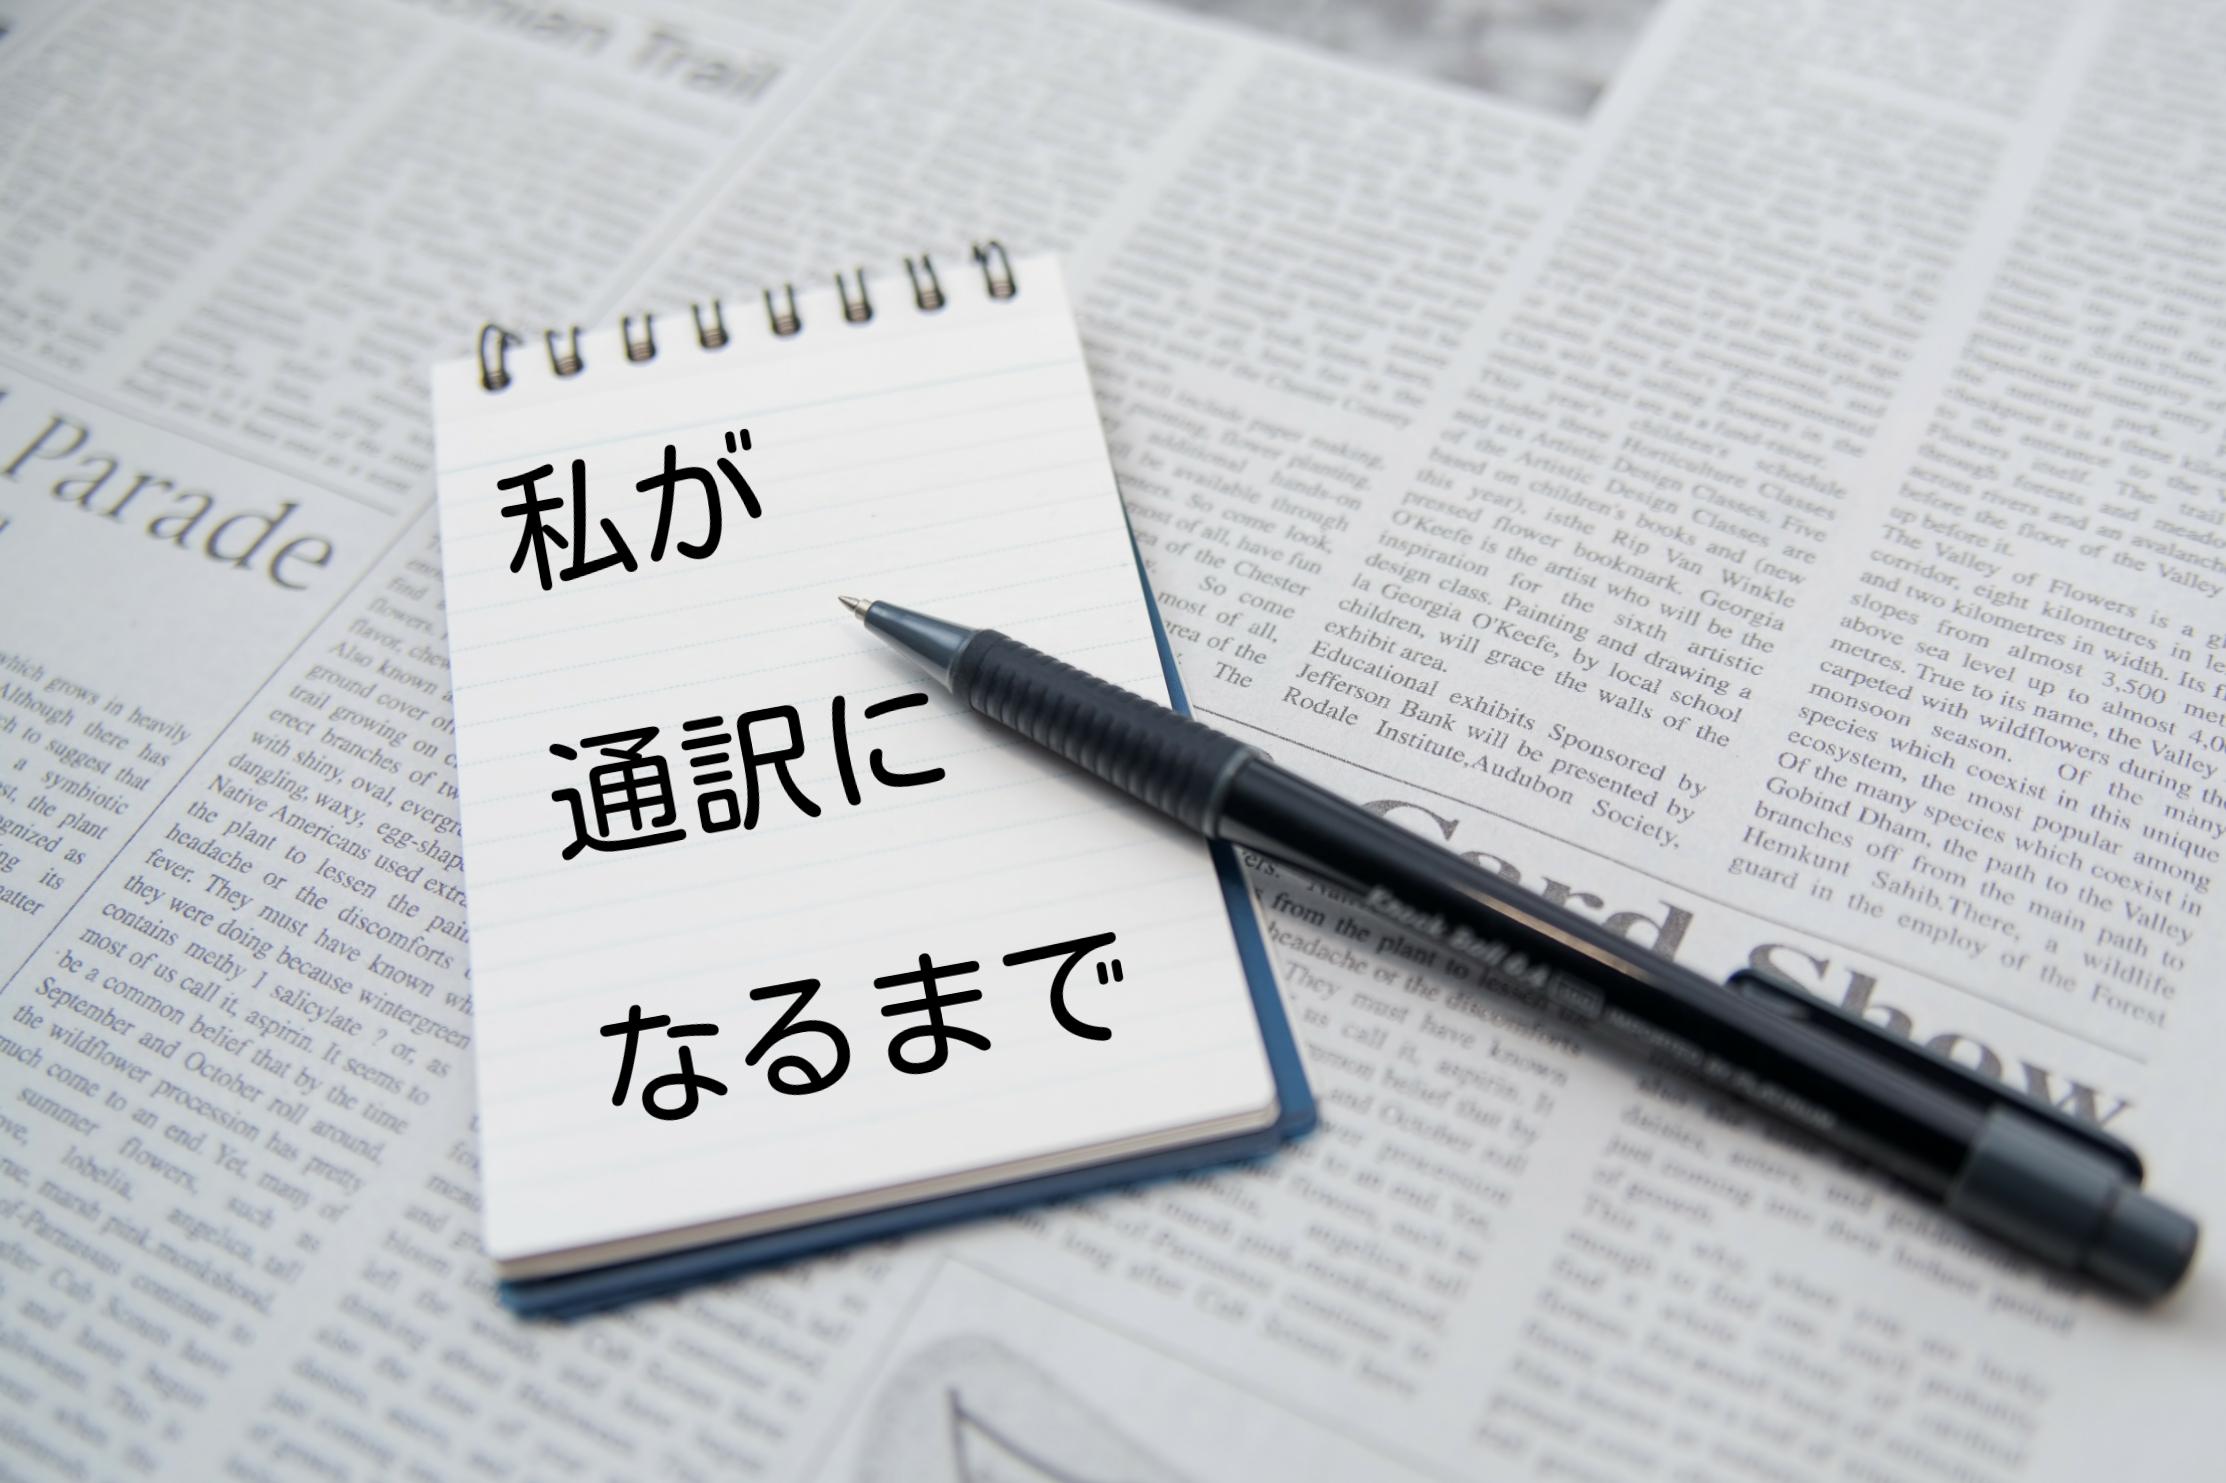 山下えりか 通訳になる ブログ 05